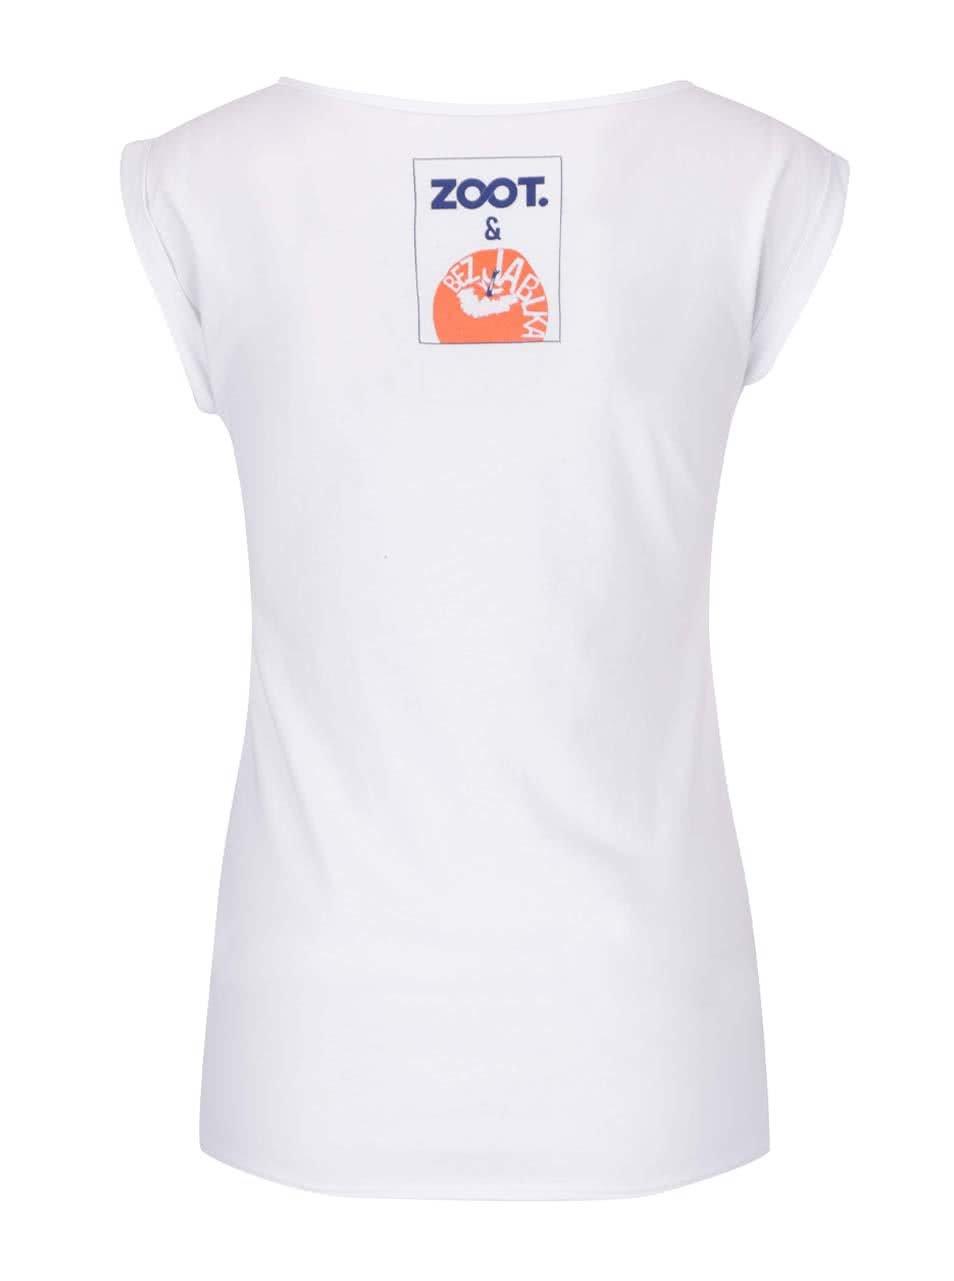 430b8b22c833 Bílé dámské tričko bez rukávů Bez Jablka Nejsem pohodářka ...